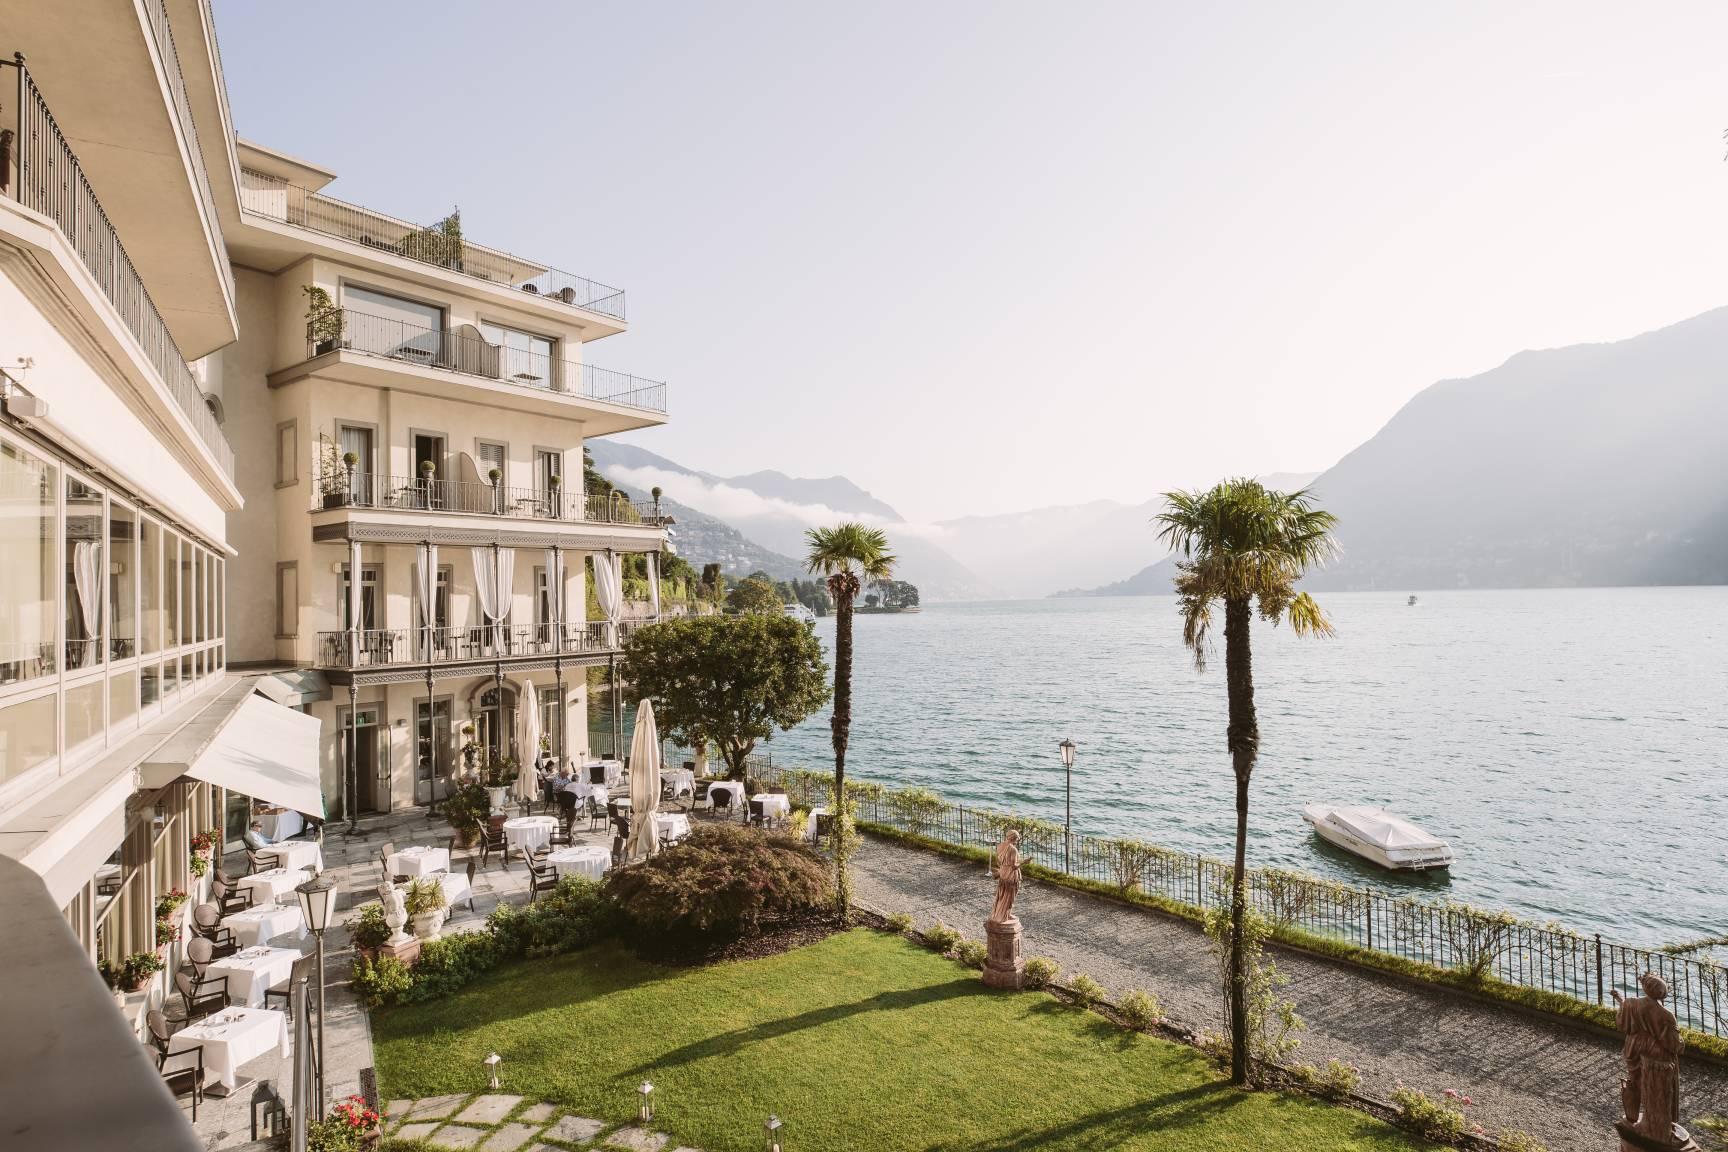 dimore quartetto Villa Flori Esterno (1)